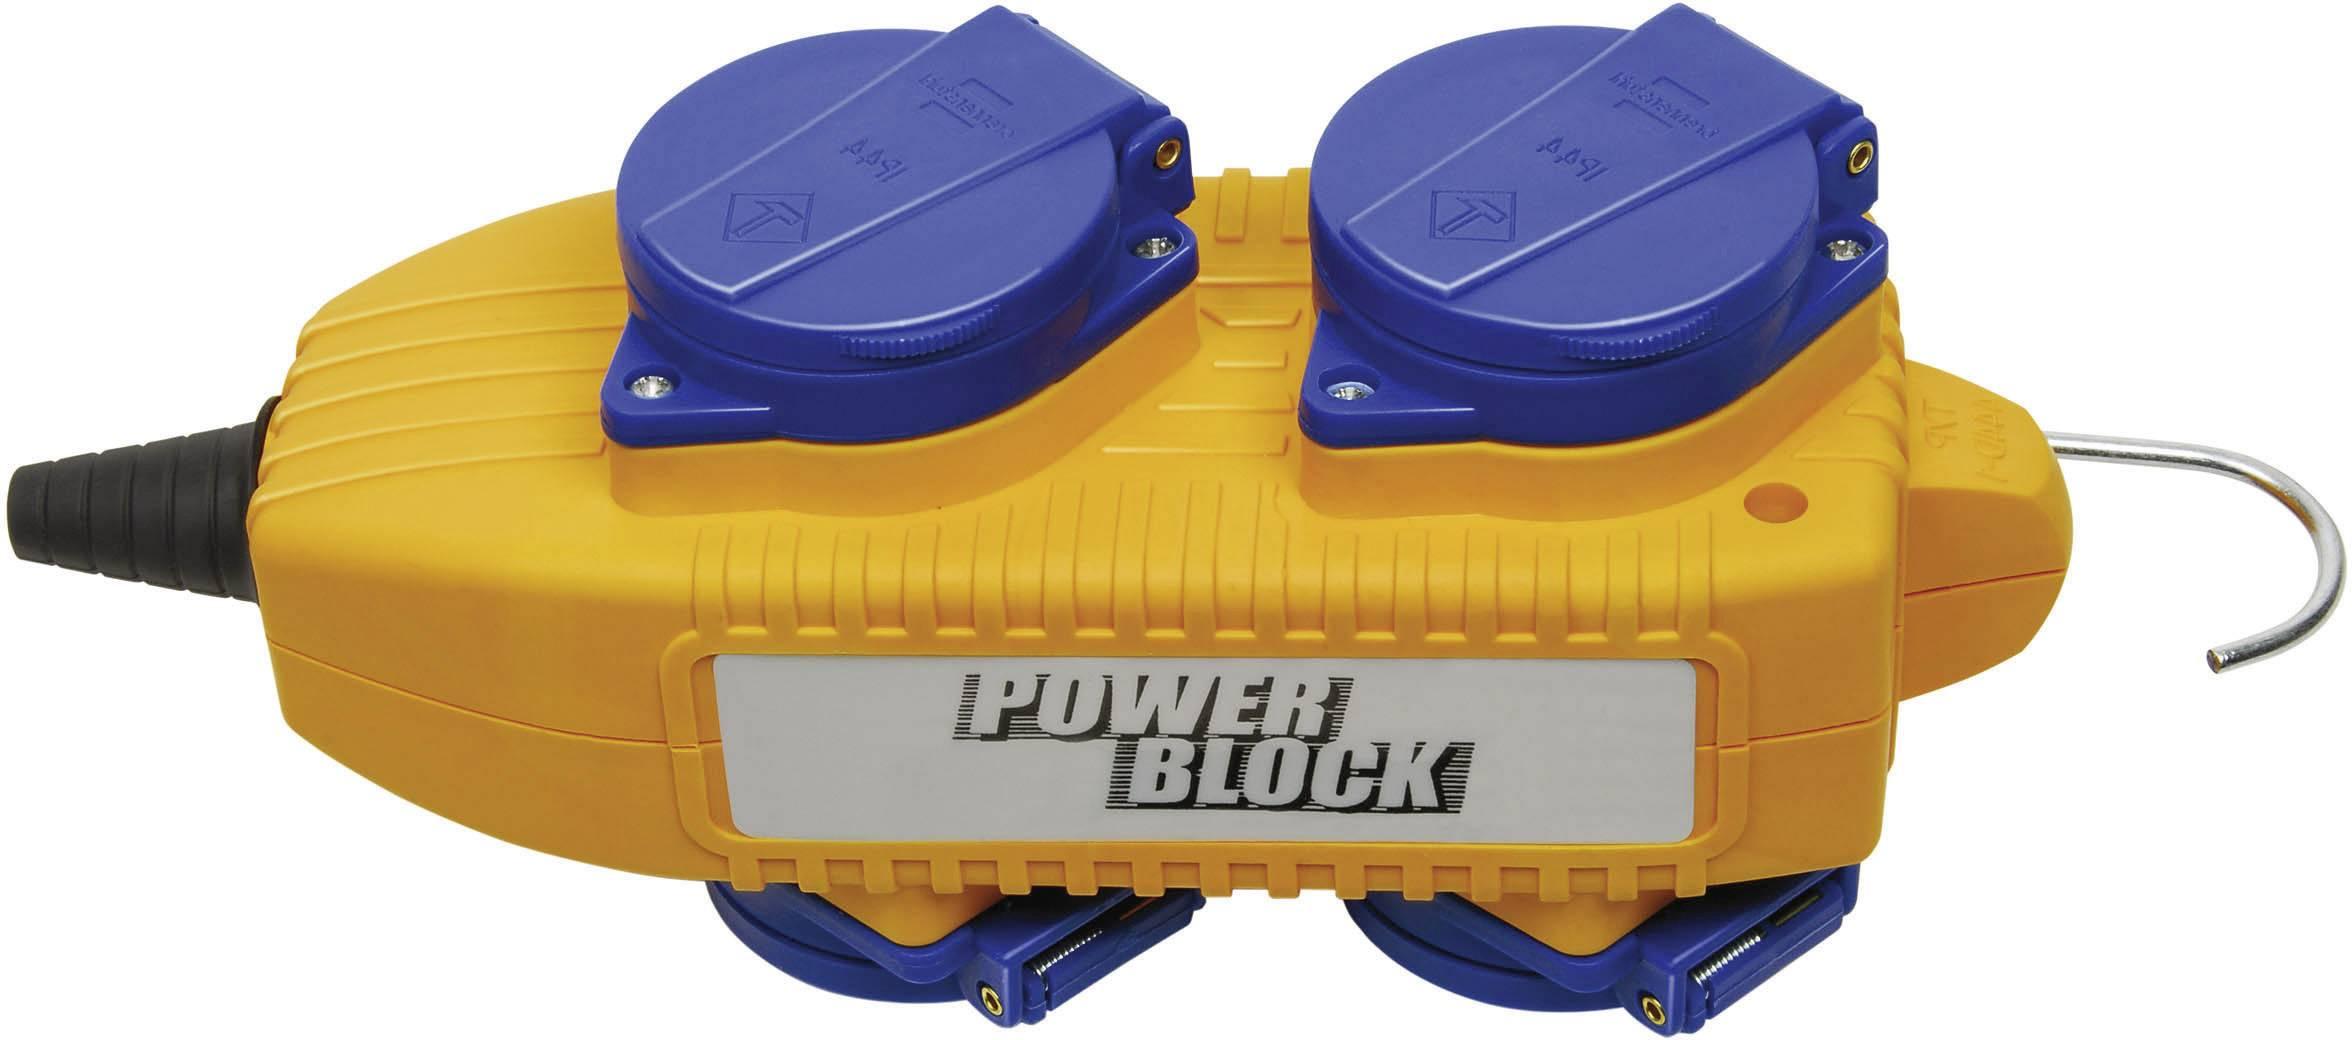 Zásuvková lišta bez vypínača, počet zásuviek 4 Brennenstuhl Powerblock 230V/16A IP44 1081070, IP44, žltá, modrá